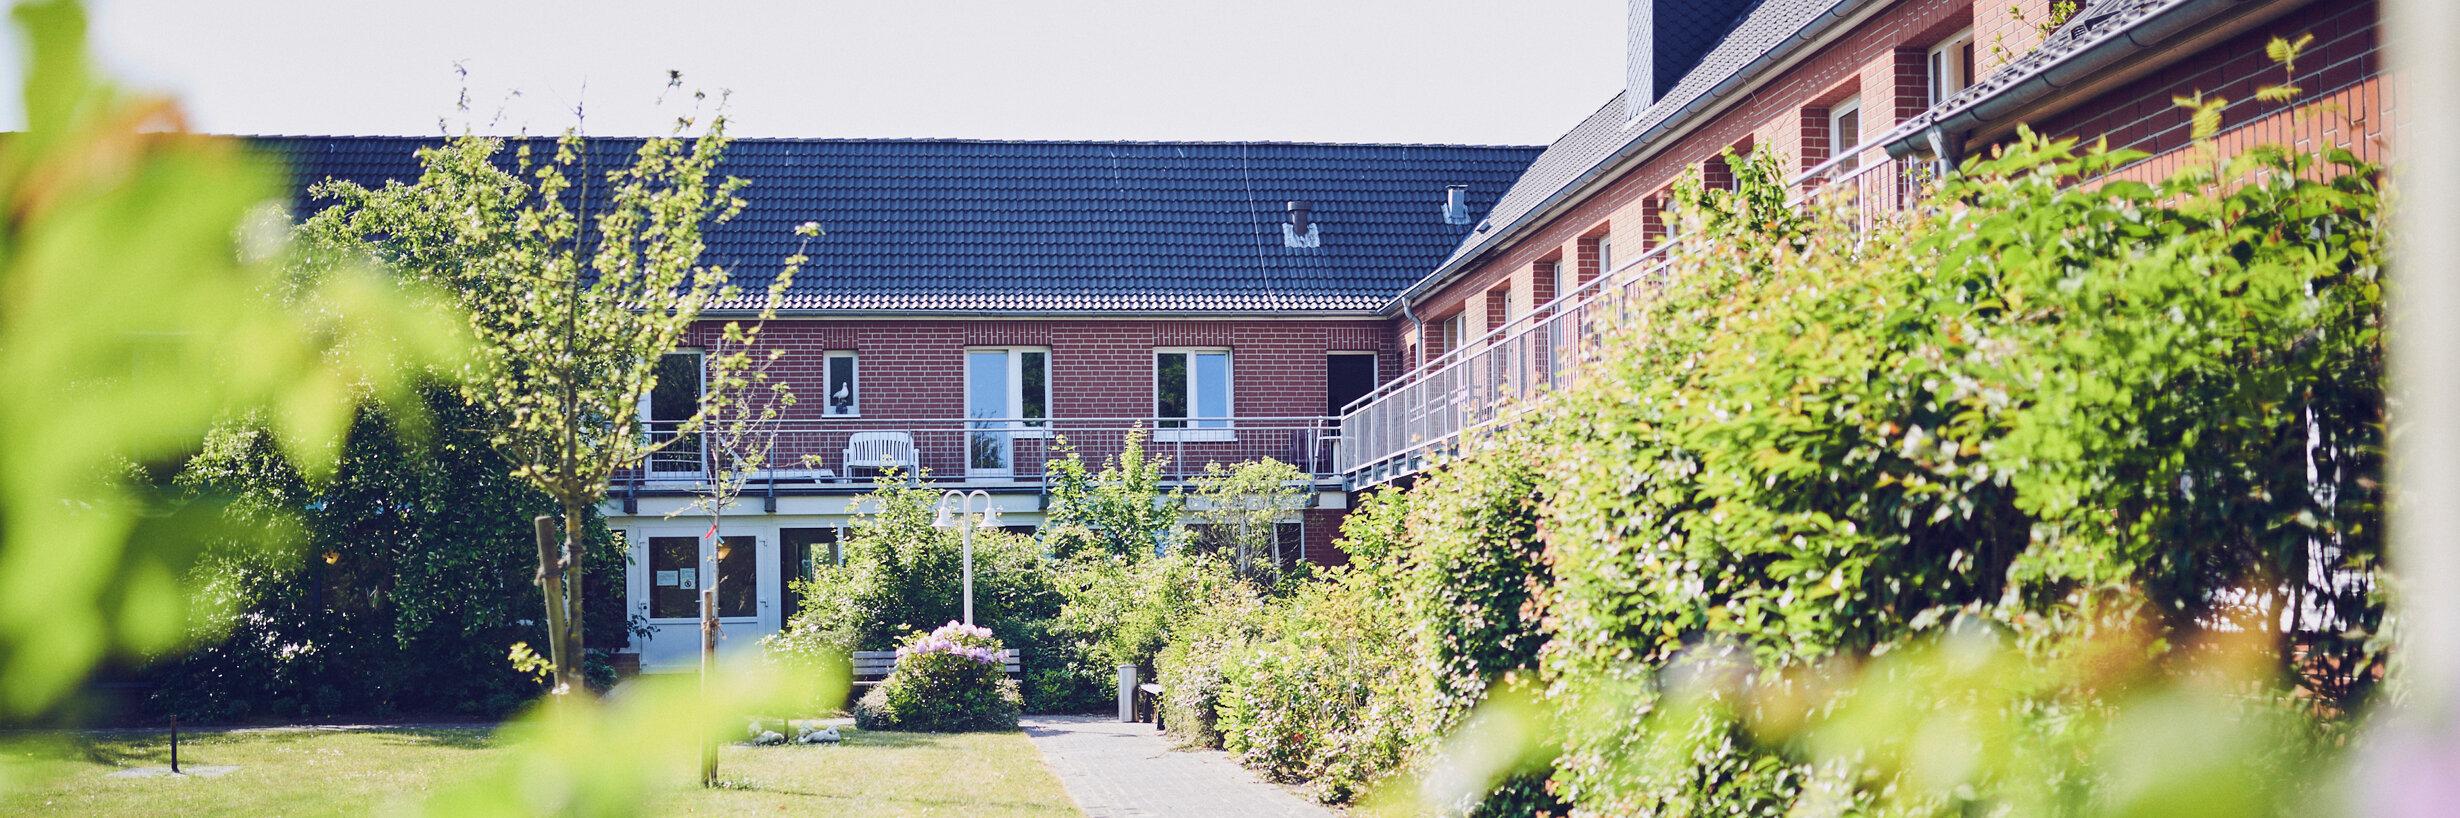 Sonniger Weg umgeben von Grünpflanzen und Rasen führen zum Senioren- und Pflegeheim